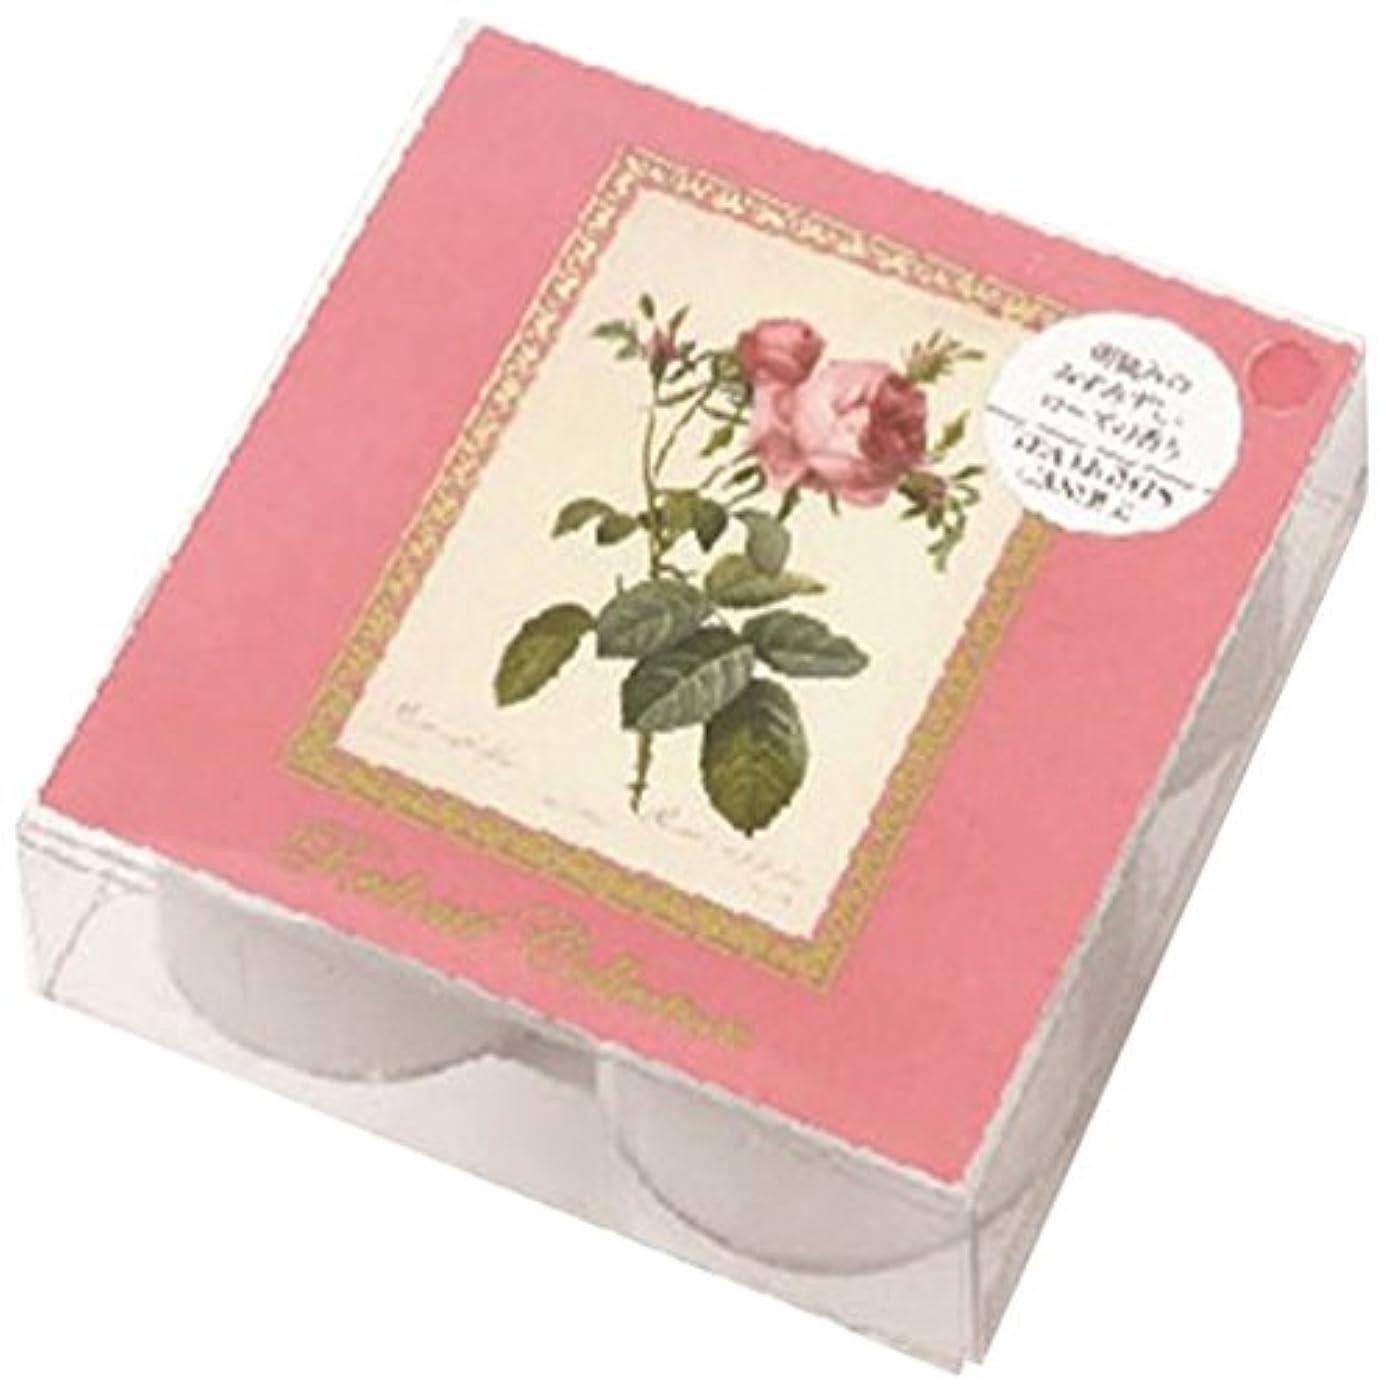 花瓶包帯レベルカメヤマキャンドルハウス ルドゥーテクリアカップティーライト4個入 ピュアローズ